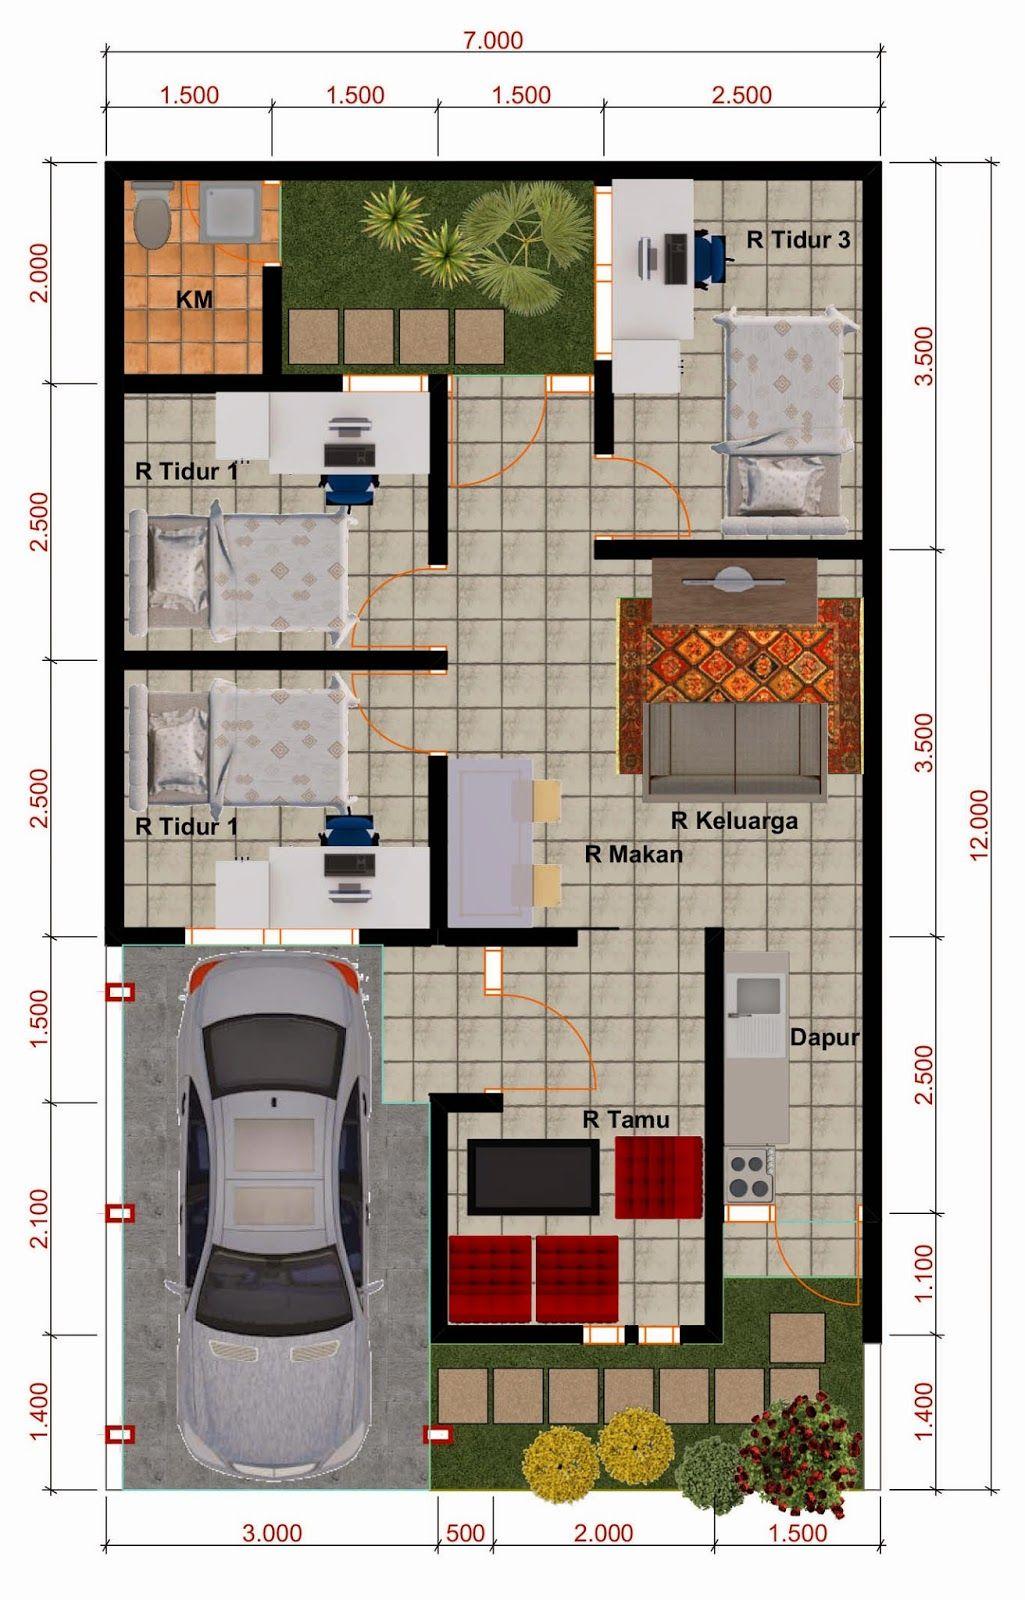 Desain Rumah Minimalis Perumahan Griya Mas Sidoarjo - Denah Type 55